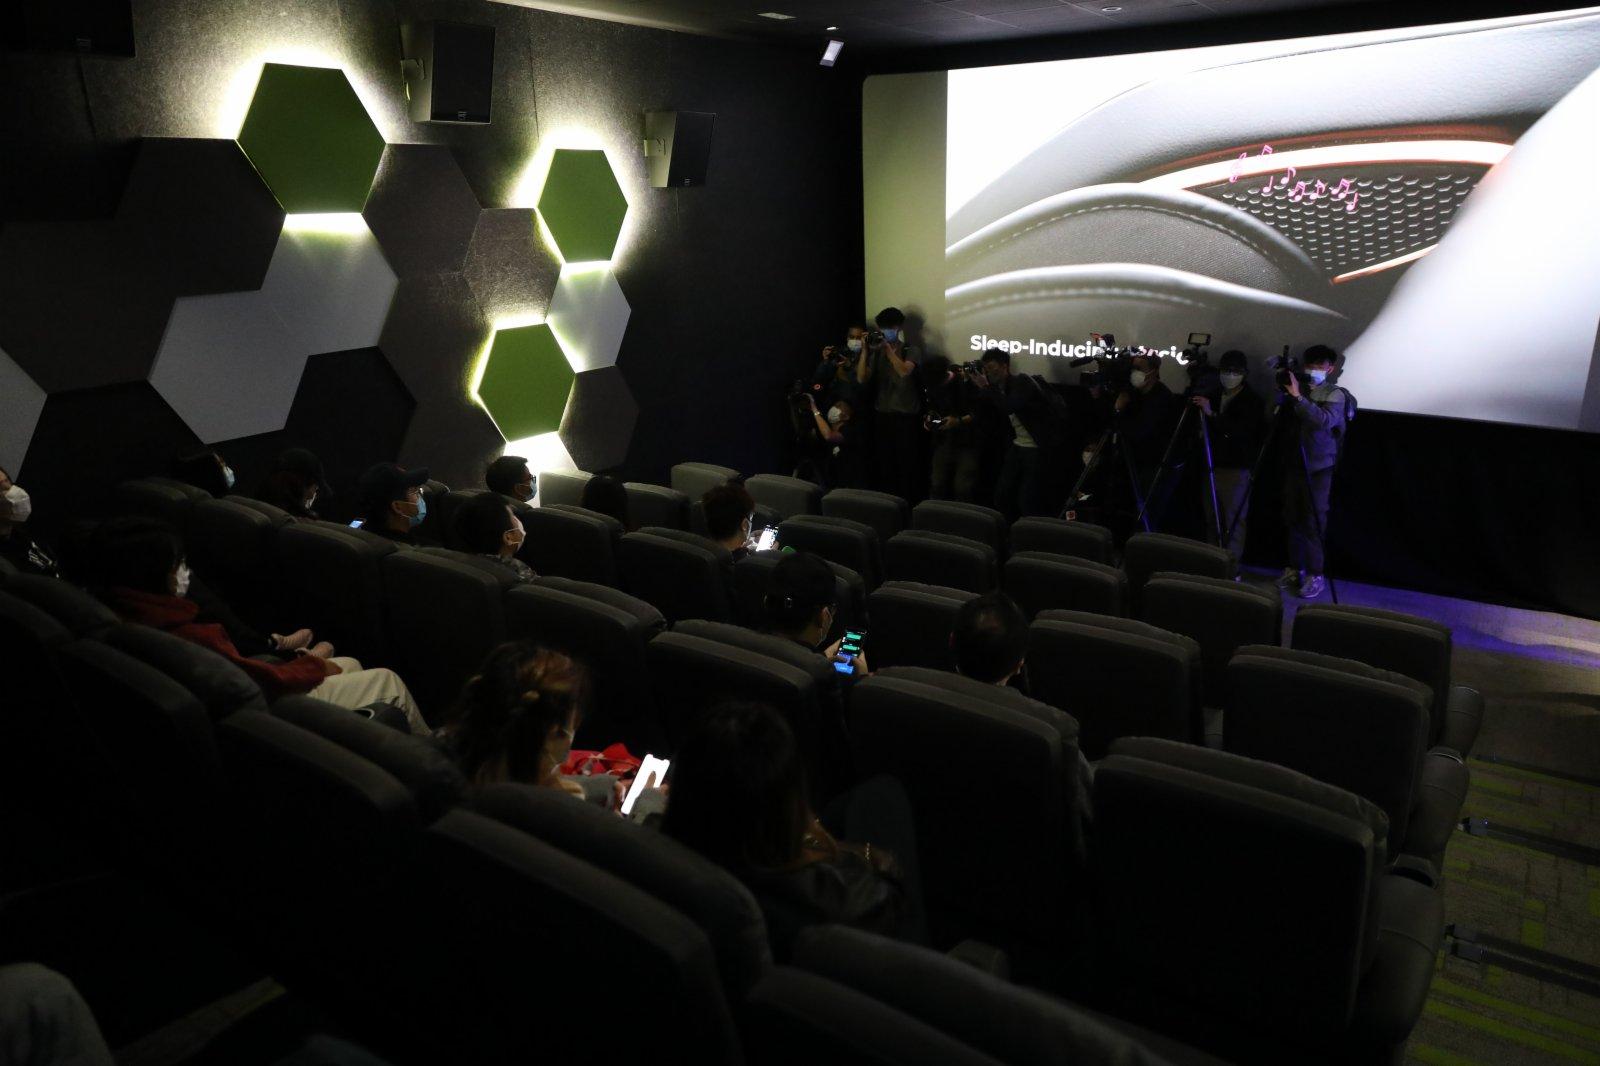 自政府公布戲院重新復業後,不少市民前來看電影,反應熱烈。  (大公文匯全媒體記者 攝)